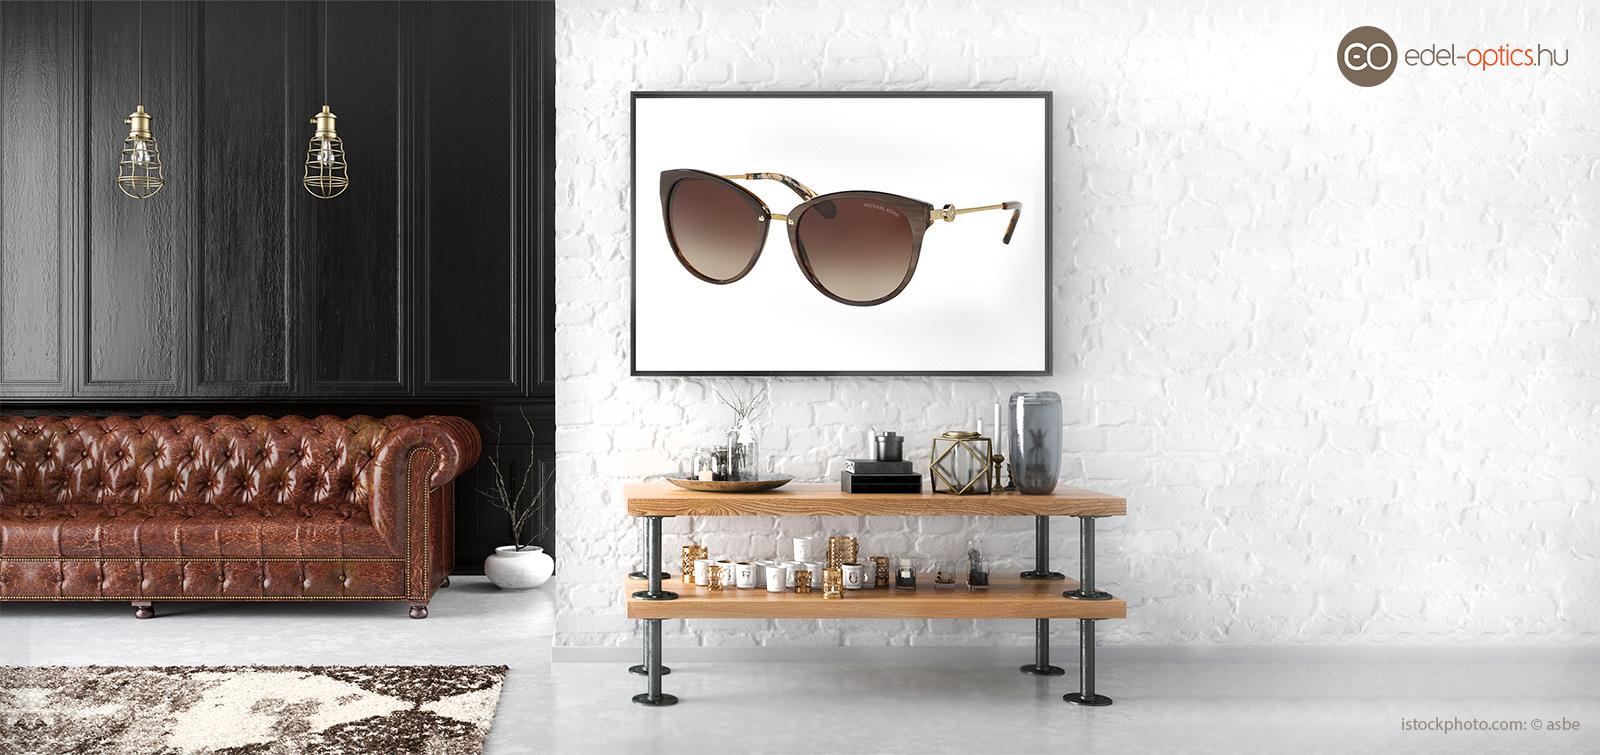 javítani a látószemüveget